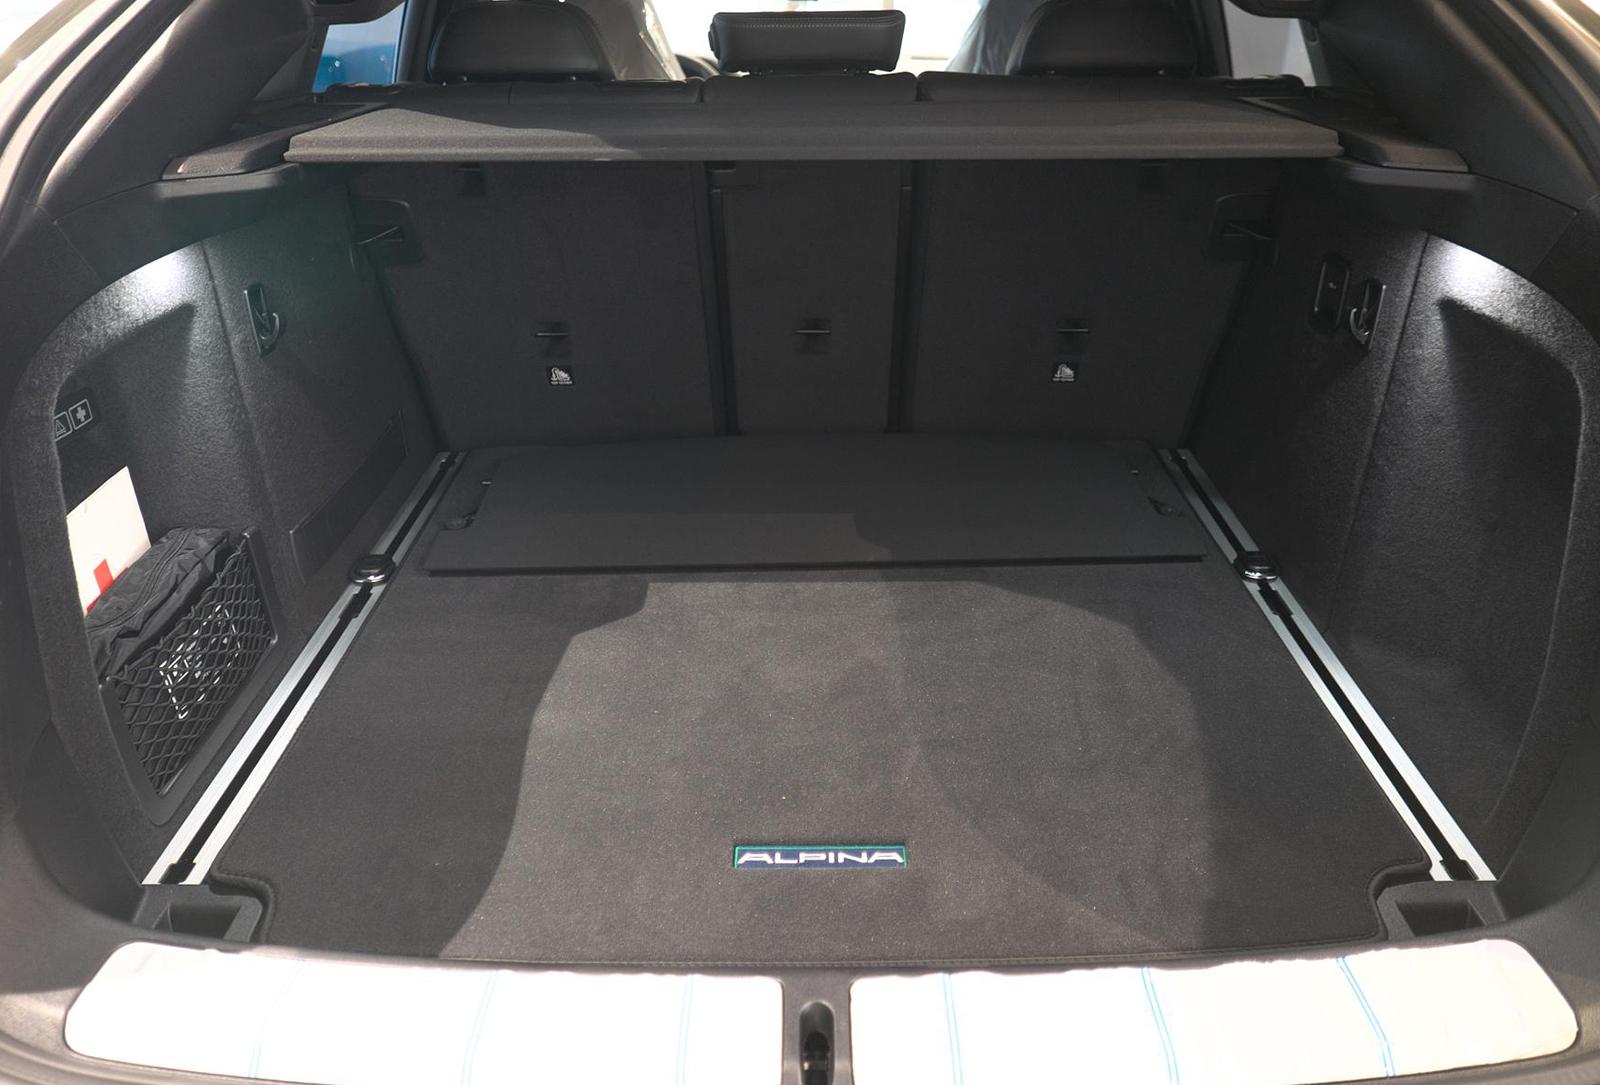 BMW アルピナ XD4 Allrad ラッゲジスペース